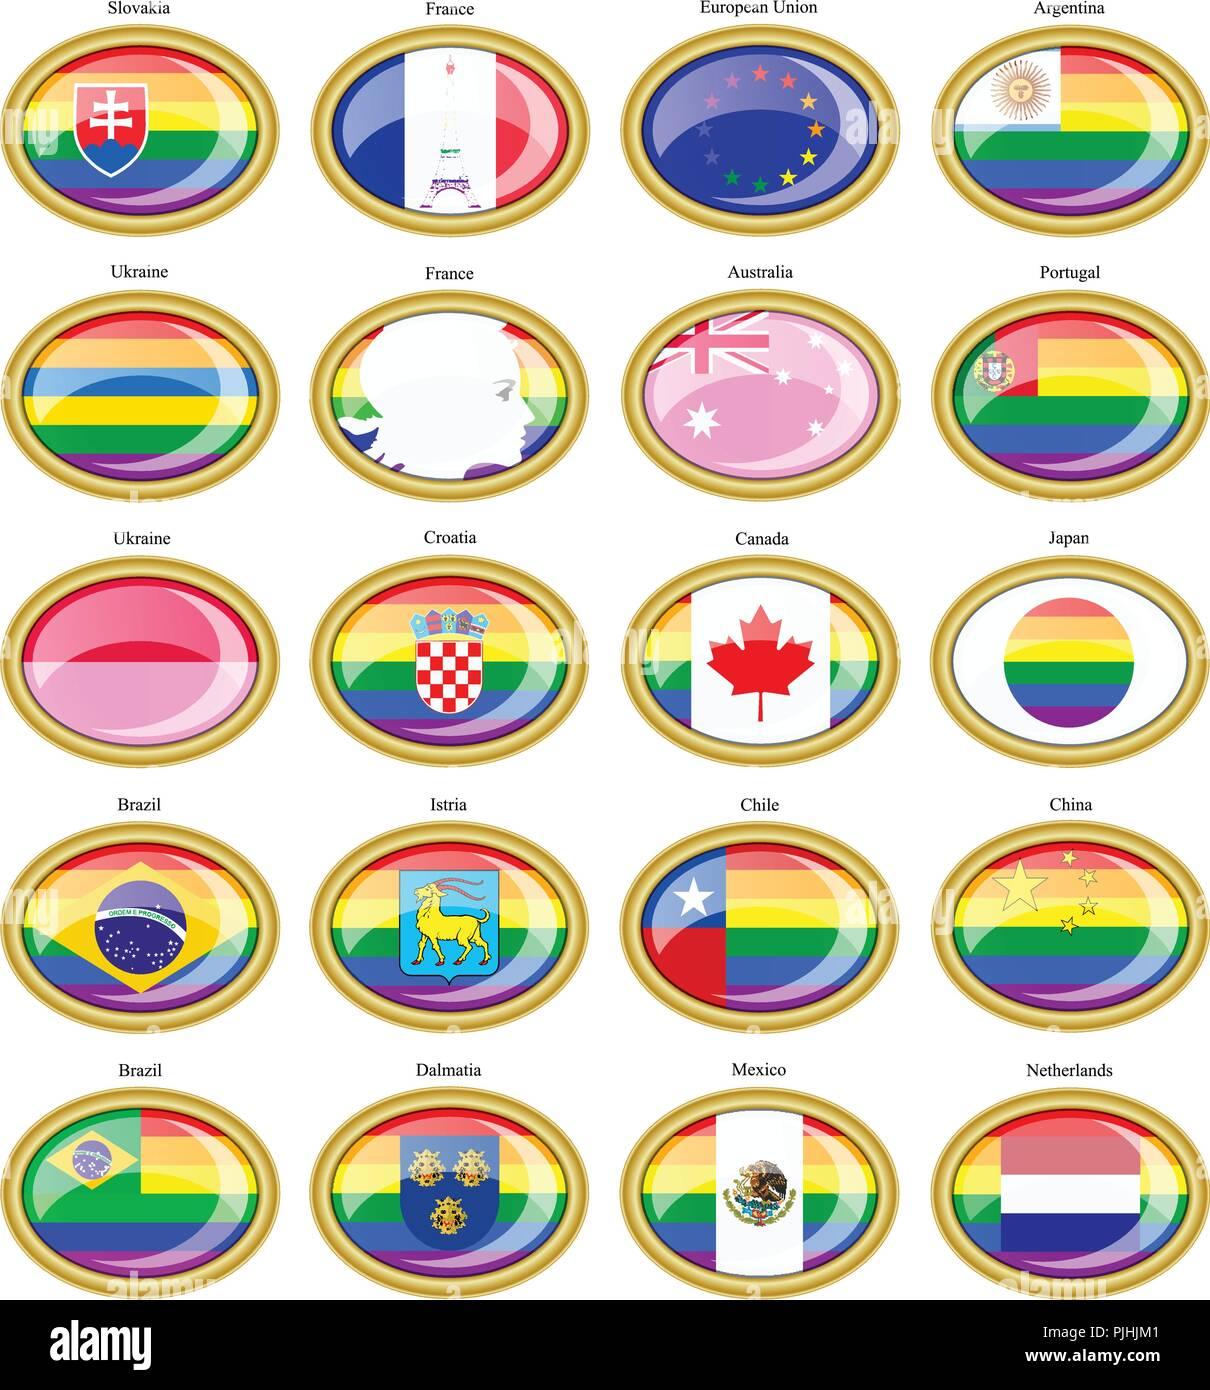 portugal flag icon round stock photos amp portugal flag icon